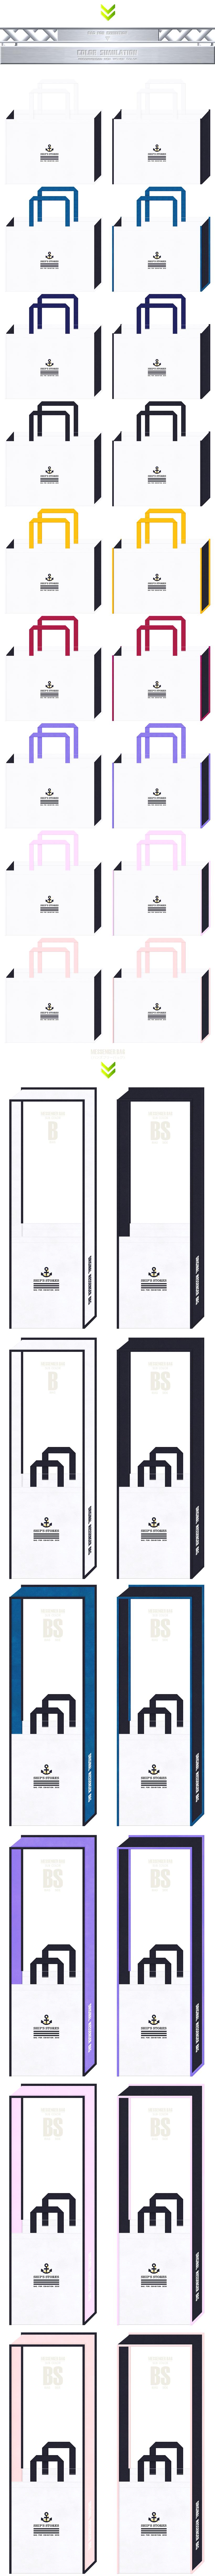 白色と濃紺色をメインに使用した、不織布バッグのカラーシミュレーション(ボート・ヨット・船舶):船用品の展示会用バッグ